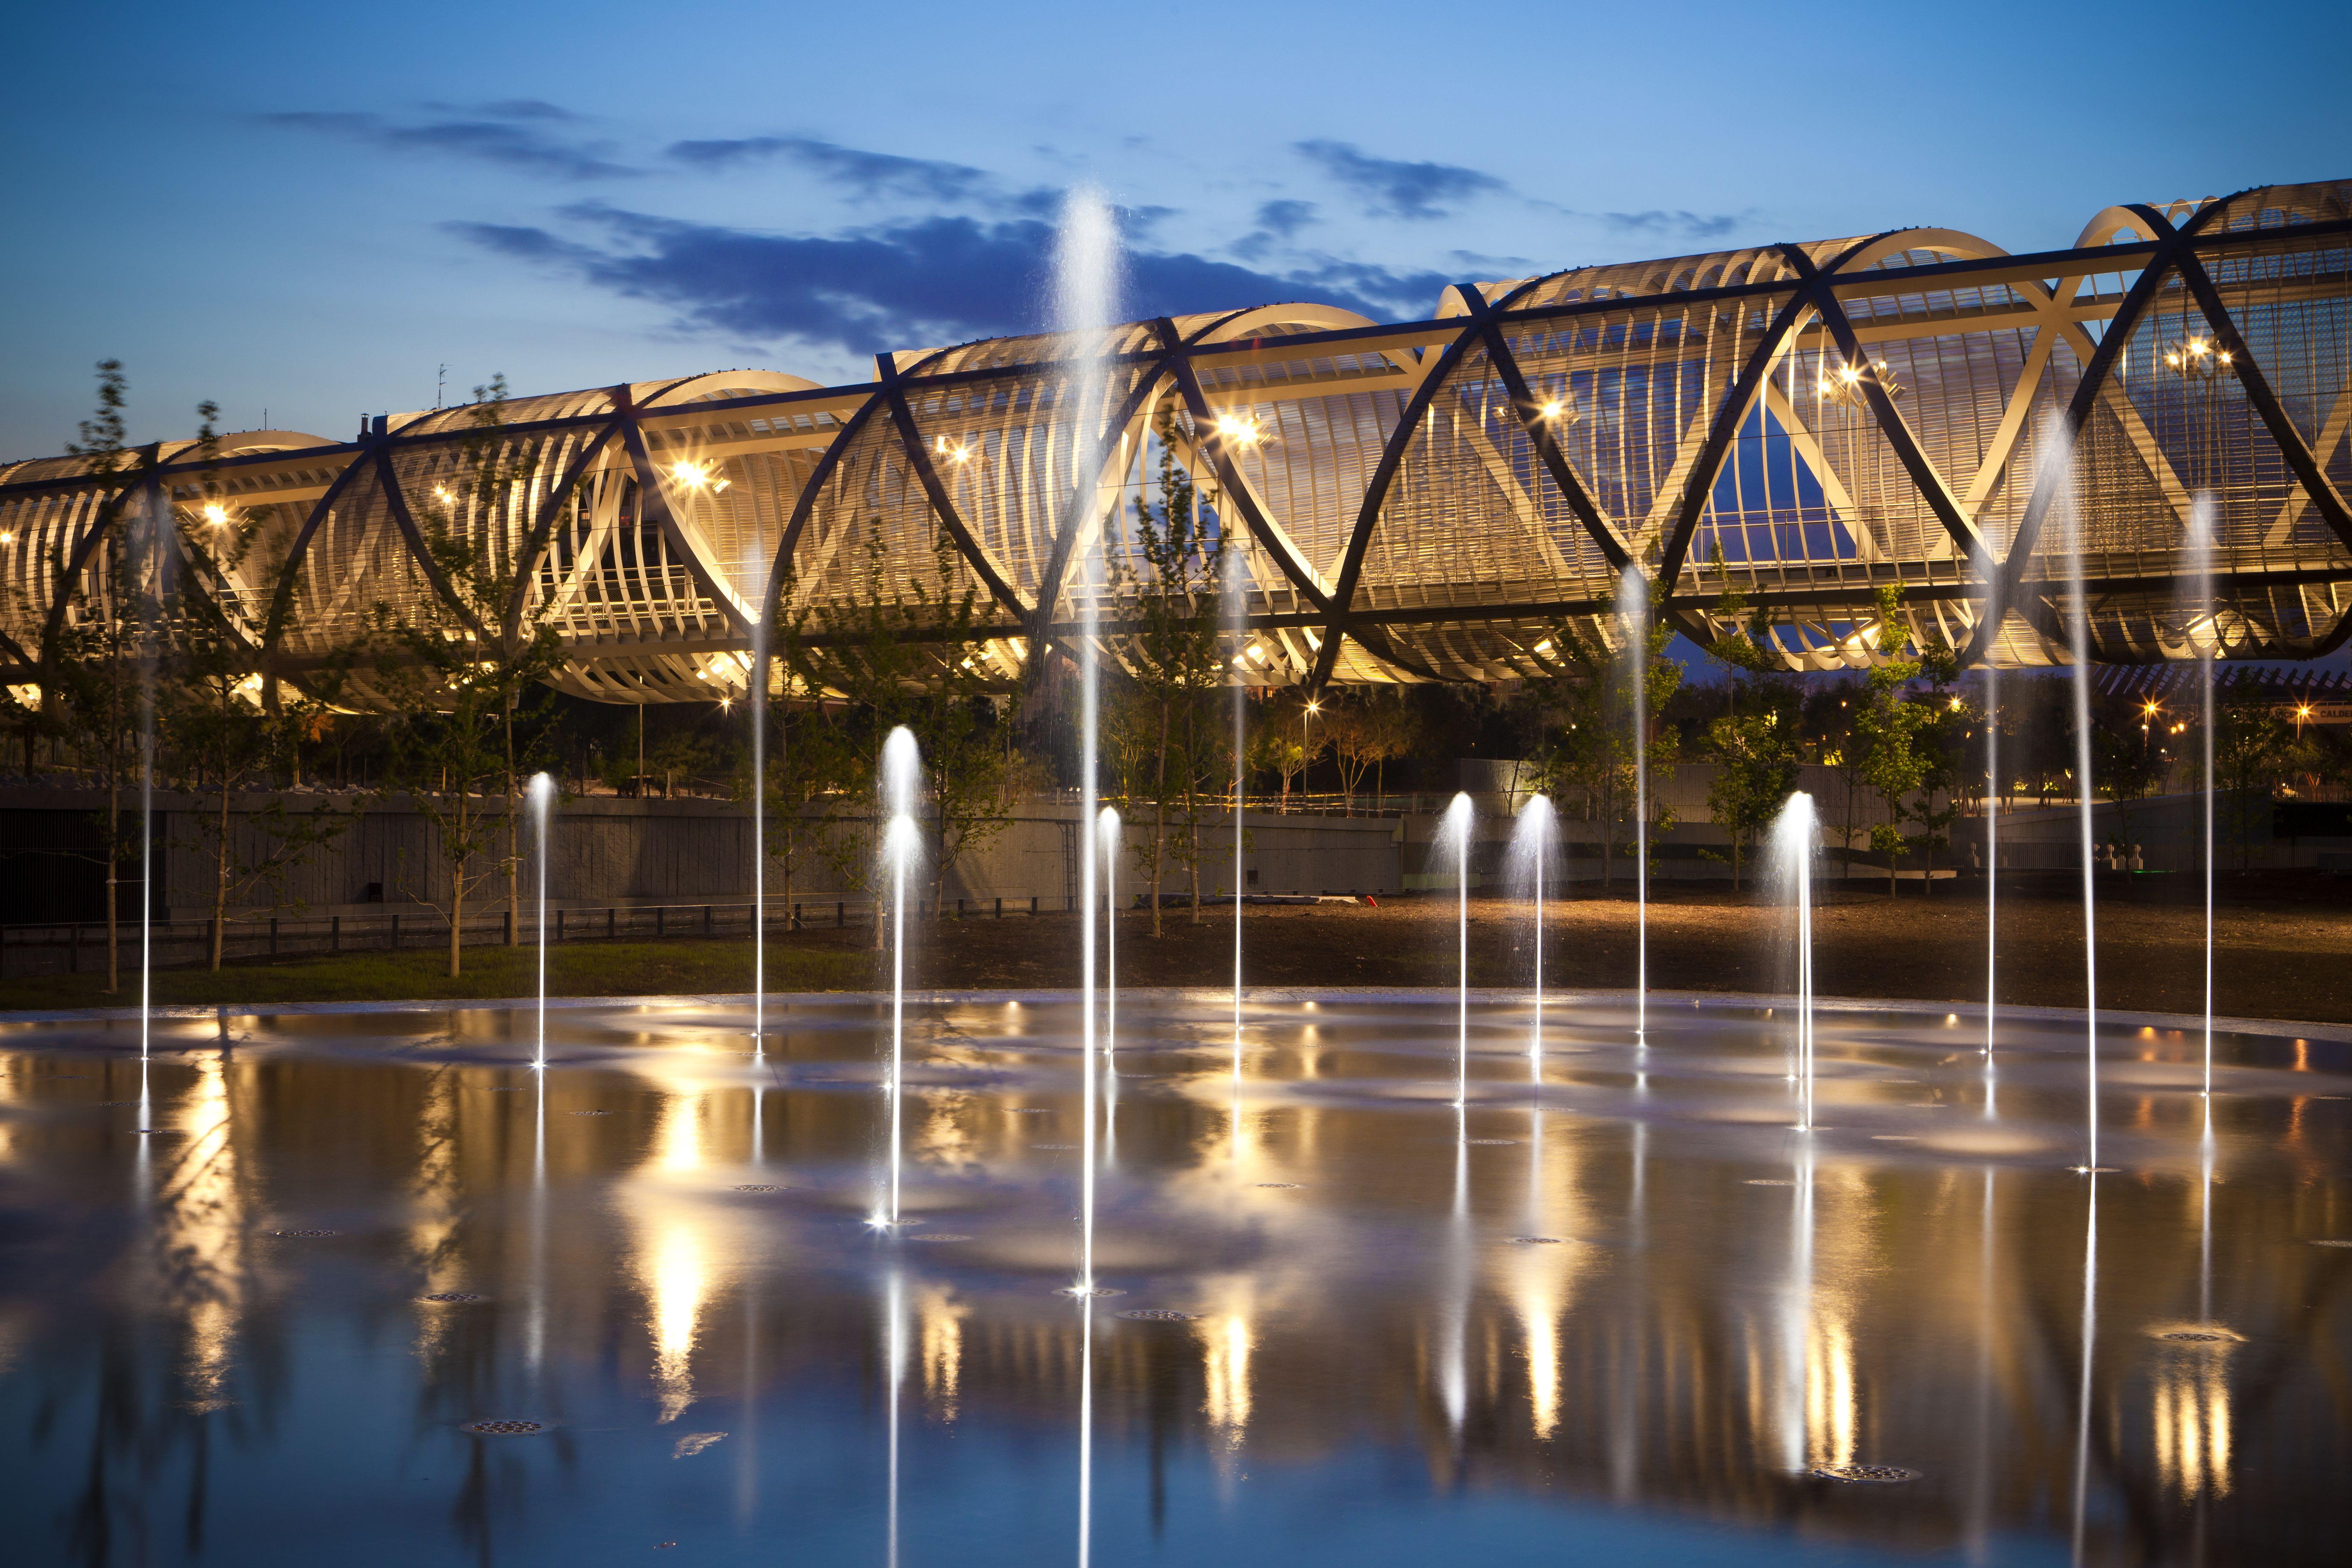 puente_de_perrault, en Madrid Rio